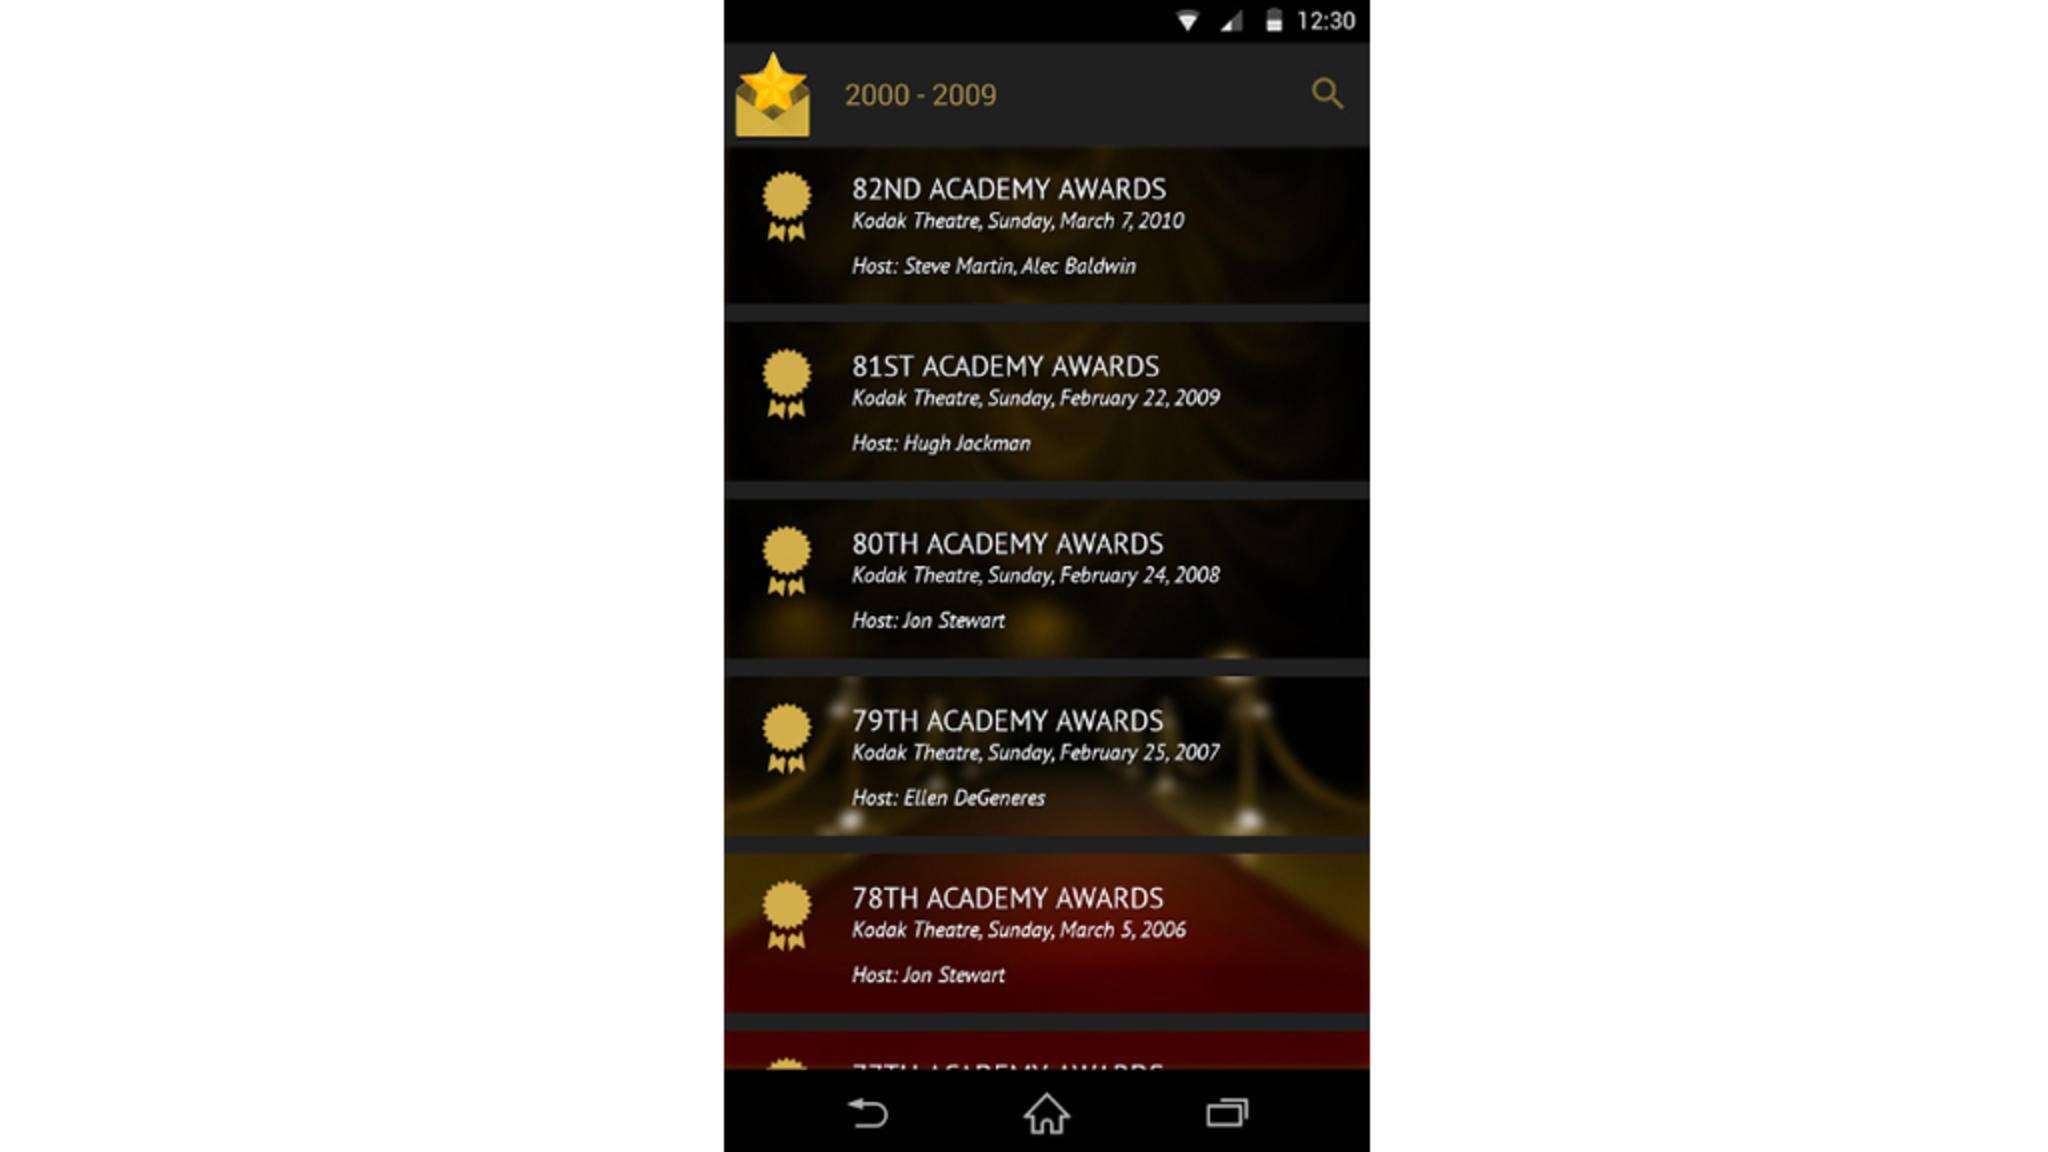 Die Geschichte der Oscars? Ein Blick in diese praktische App genügt.